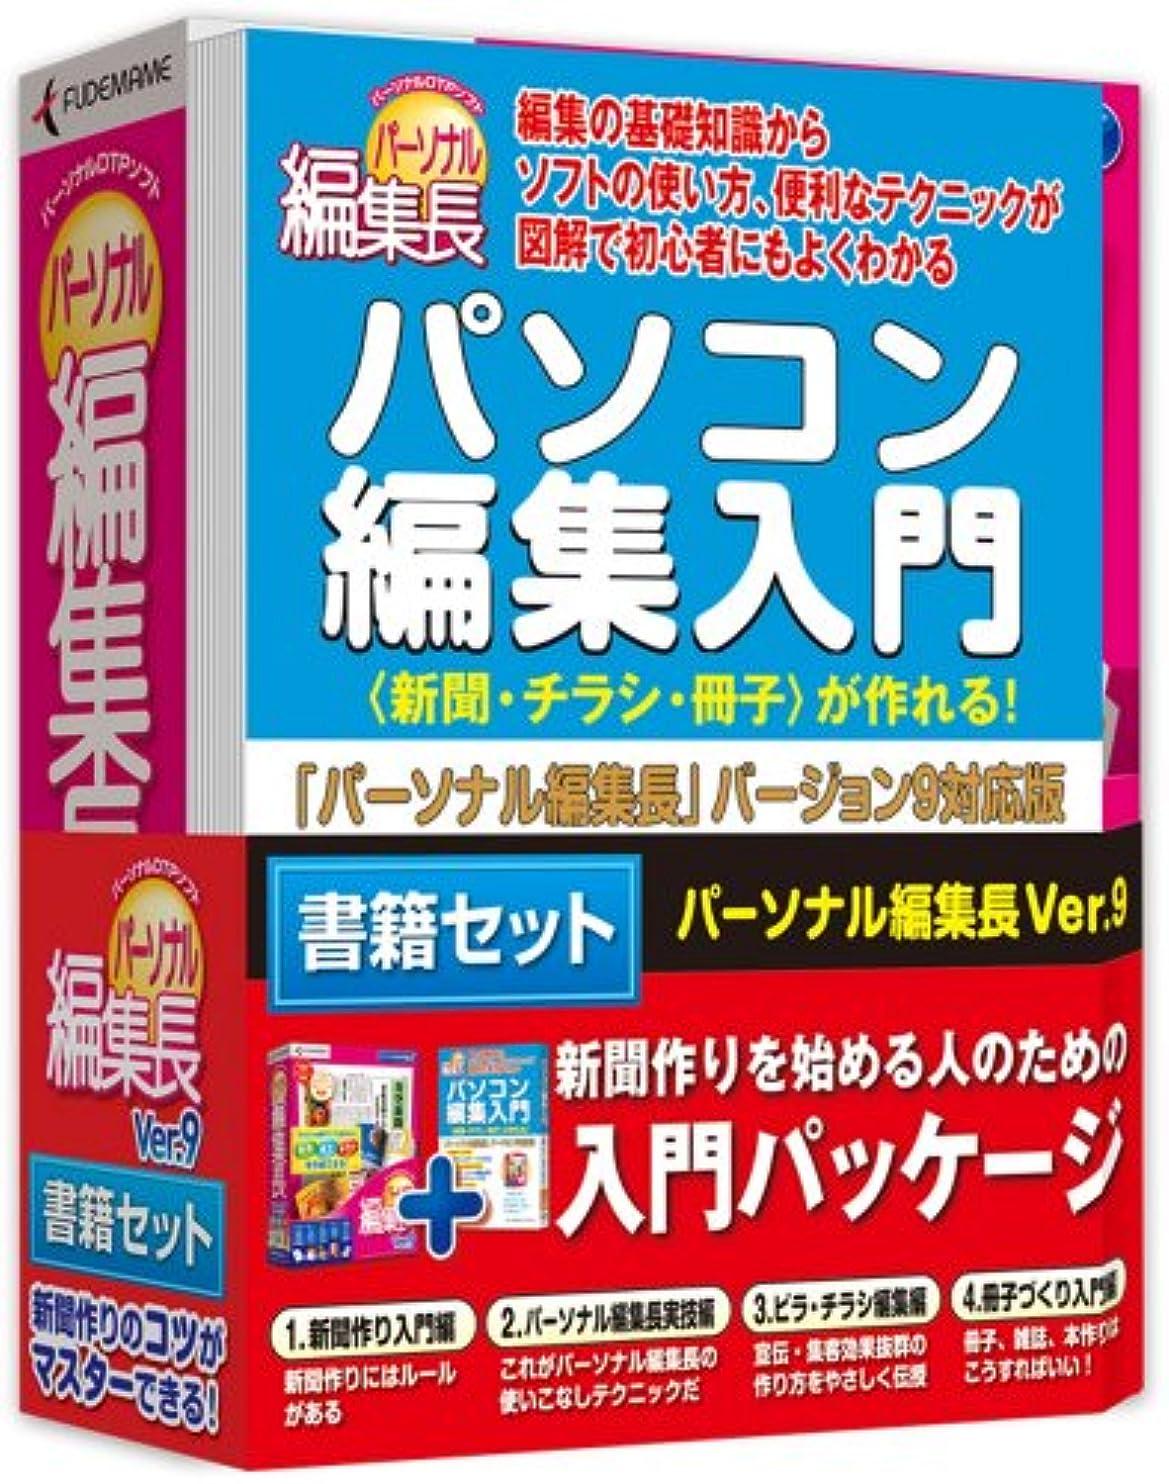 鳴り響く医薬品エピソードパーソナル編集長Ver.9 書籍セット